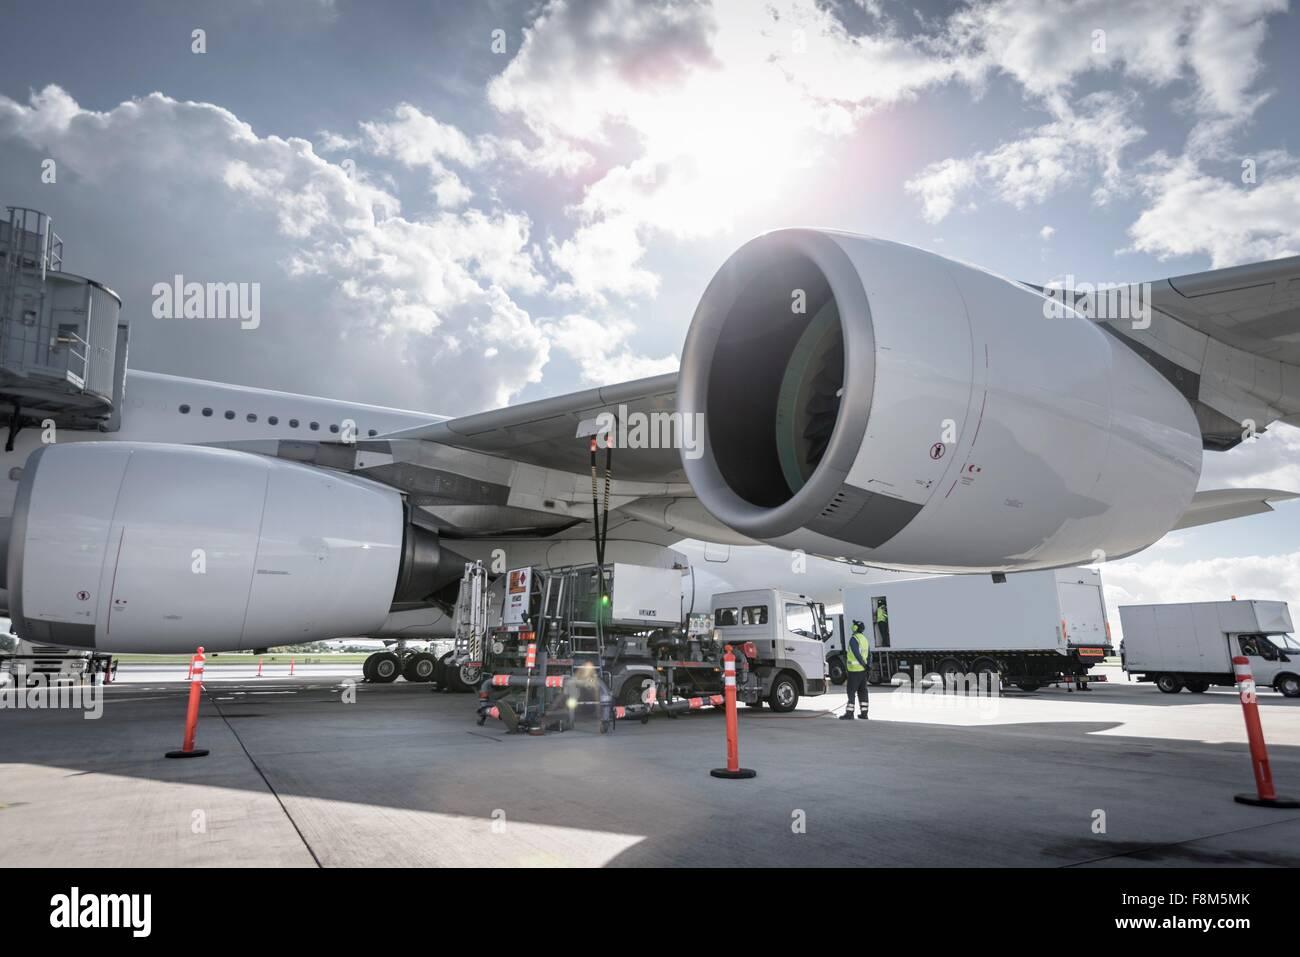 Un380 essendo rifornito in aeroporto Immagini Stock